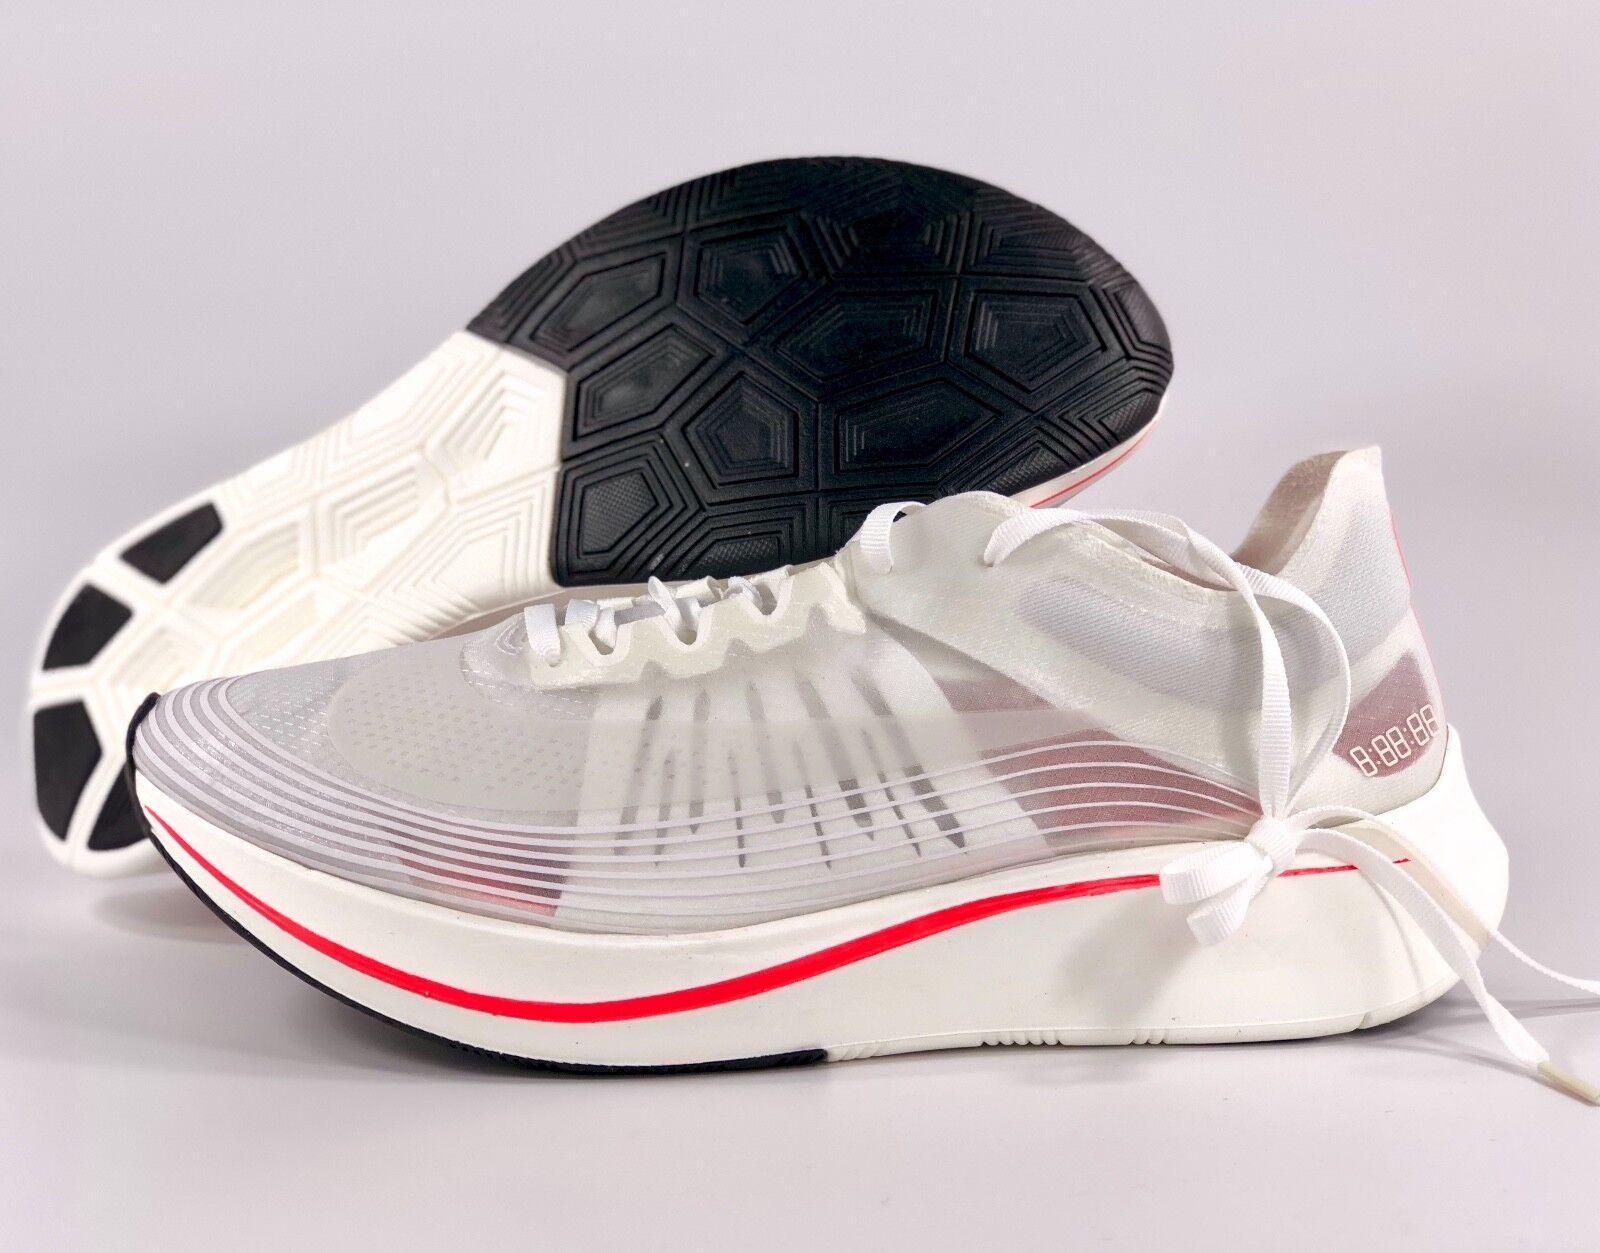 Nike Zoom Fly SP Breaking 2 White Sail Bright Crimson Red AJ9282-106 Men's 8-12